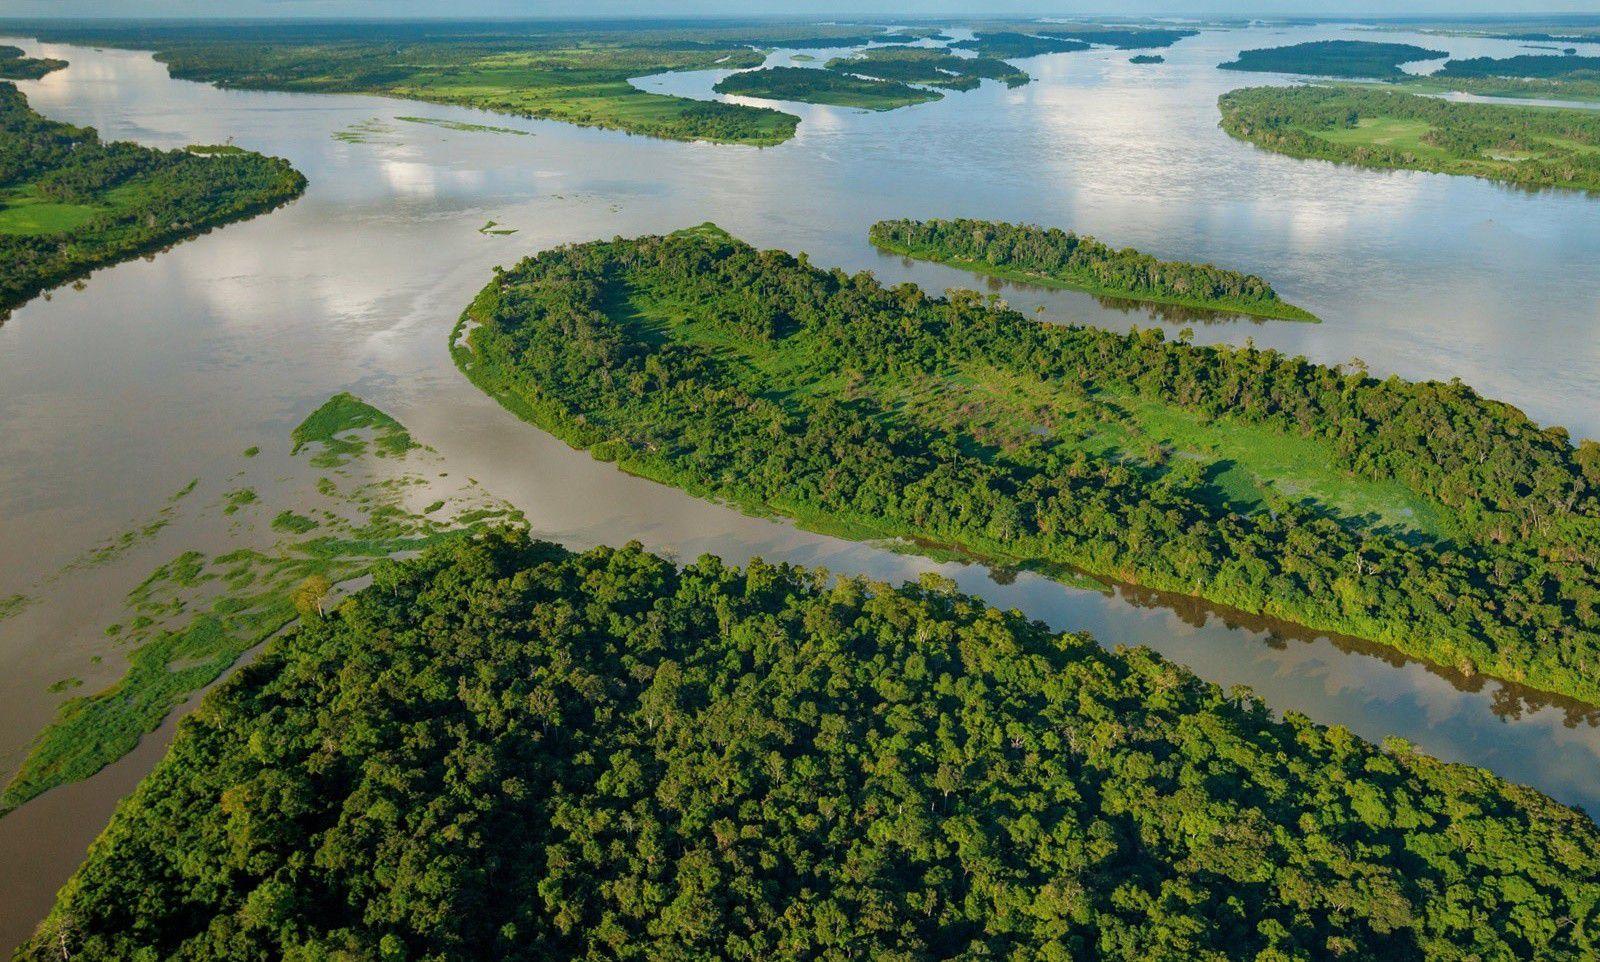 بالصور اكبر نهر في العالم , احلى نهر فى العالم العربى 6262 11